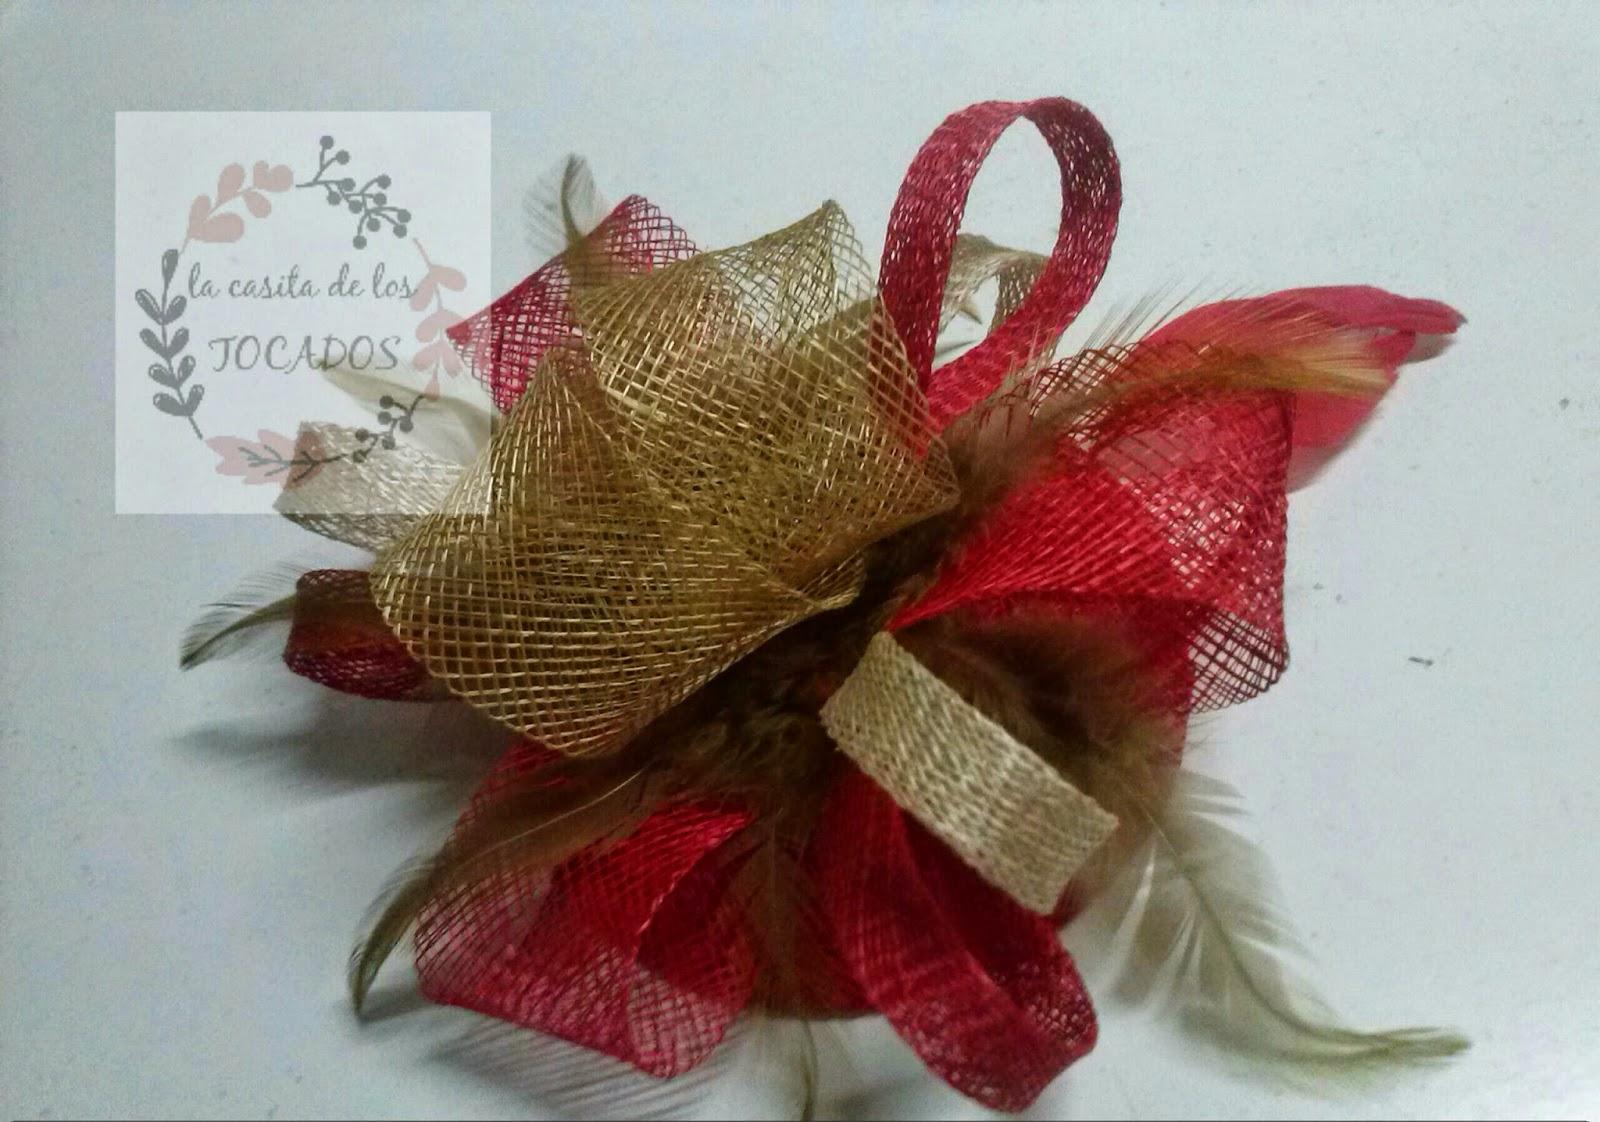 tocado para boda en colores rojo, beige y dorado con sinamay y plumas sobre casquete de 11 cm de diámetro